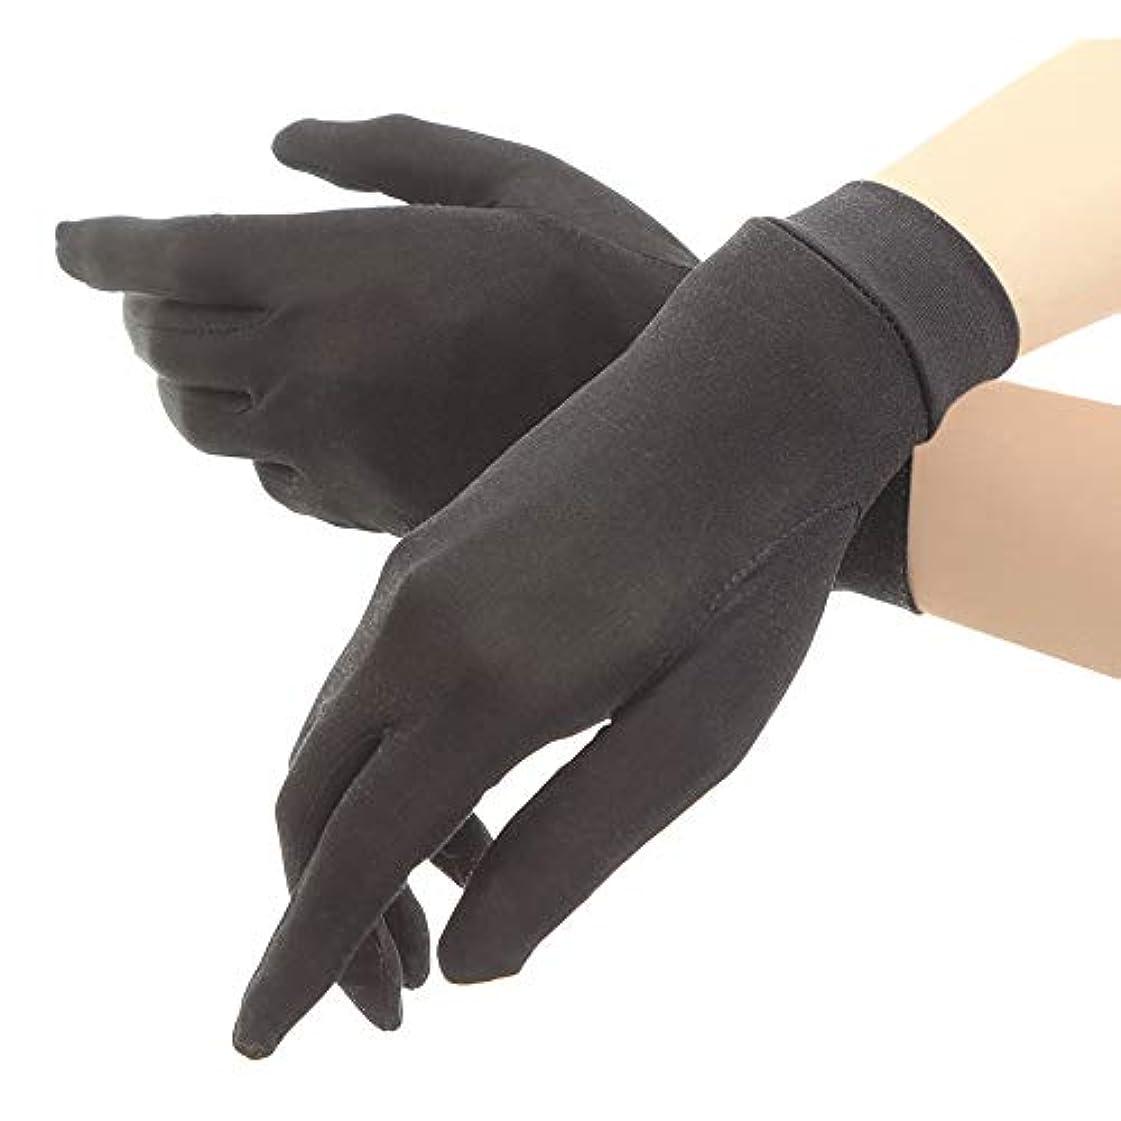 銀河抑圧する病的シルク手袋 レディース 手袋 シルク 絹 ハンド ケア 保湿 紫外線 肌荒れ 乾燥 サイズアップで手指にマッチ 【macch】